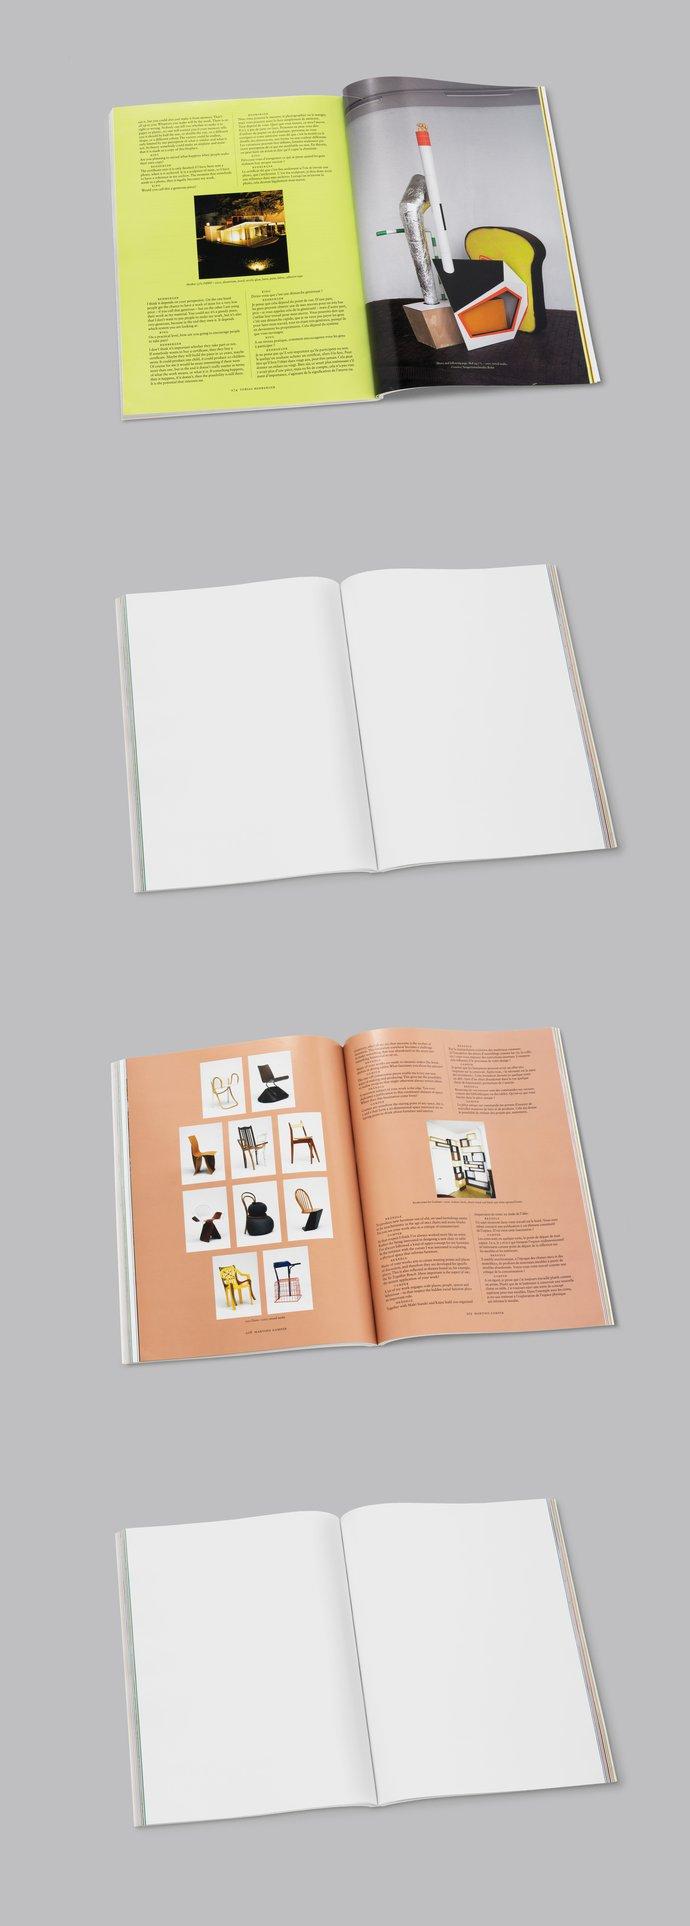 Centre d'Art Contemporain, Geneva – Wouldn't it be nice…, 2008 (Publication), image 7